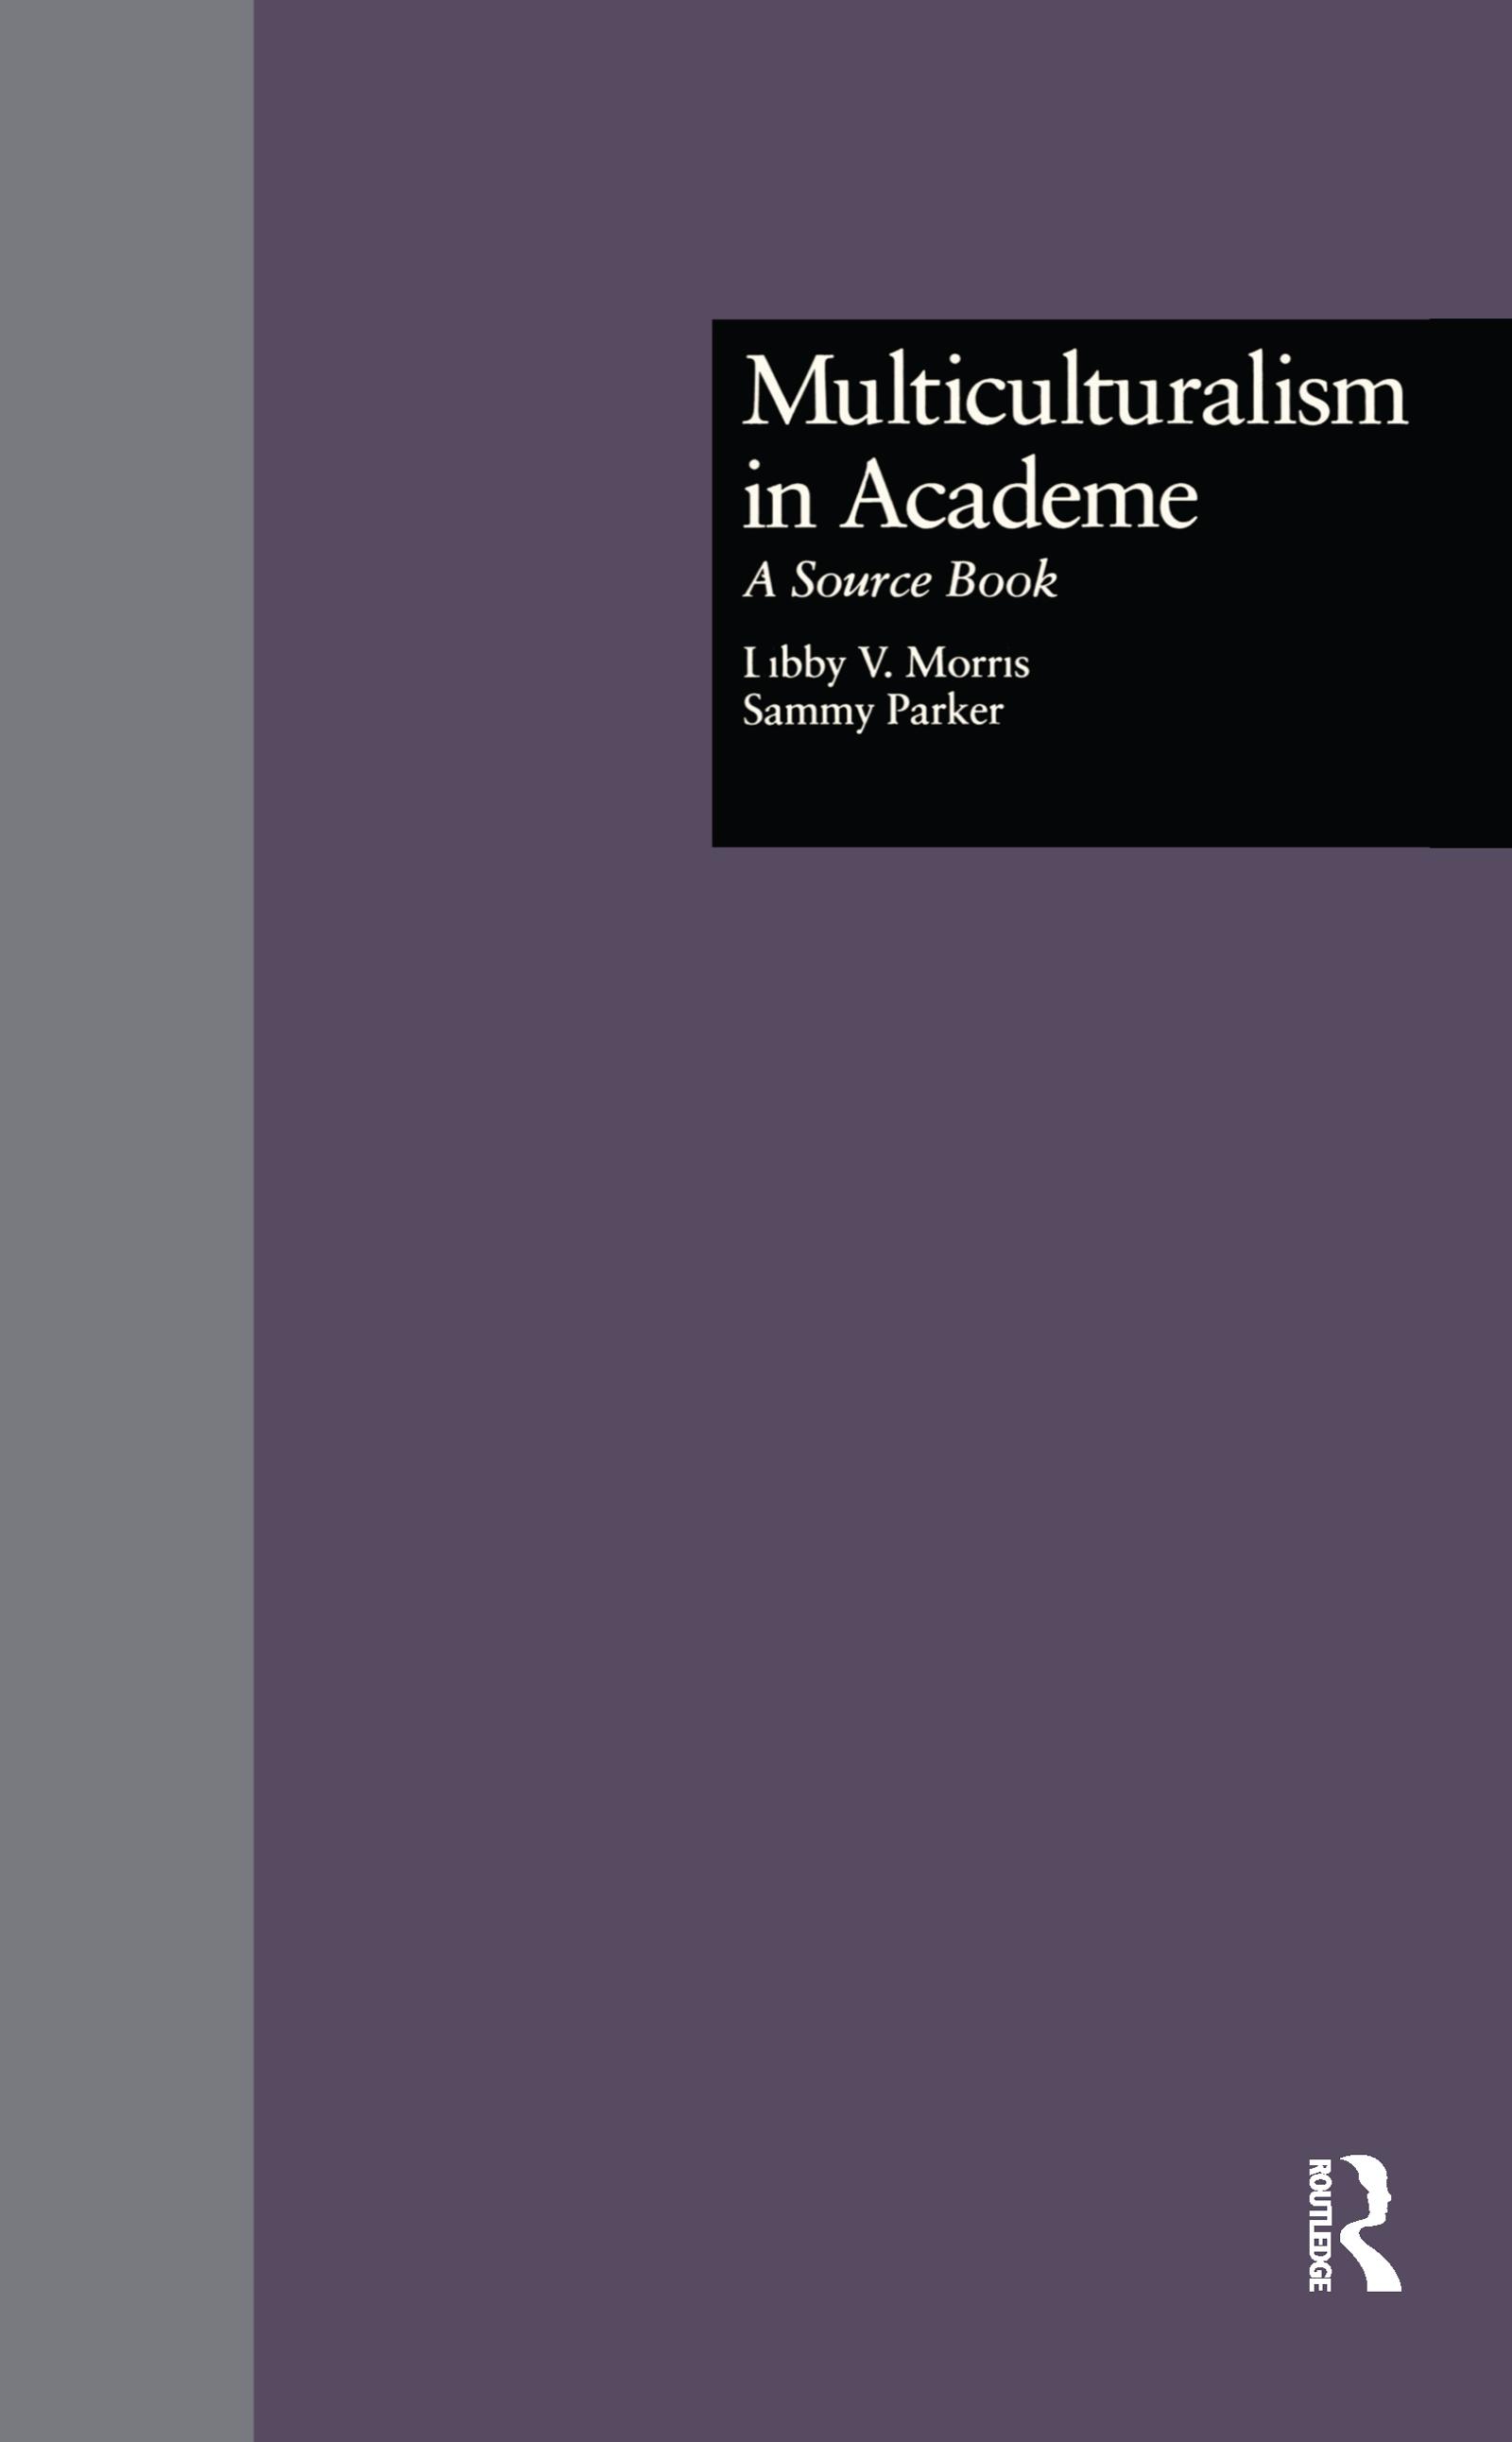 Multiculturalism in Academe: A Source Book book cover